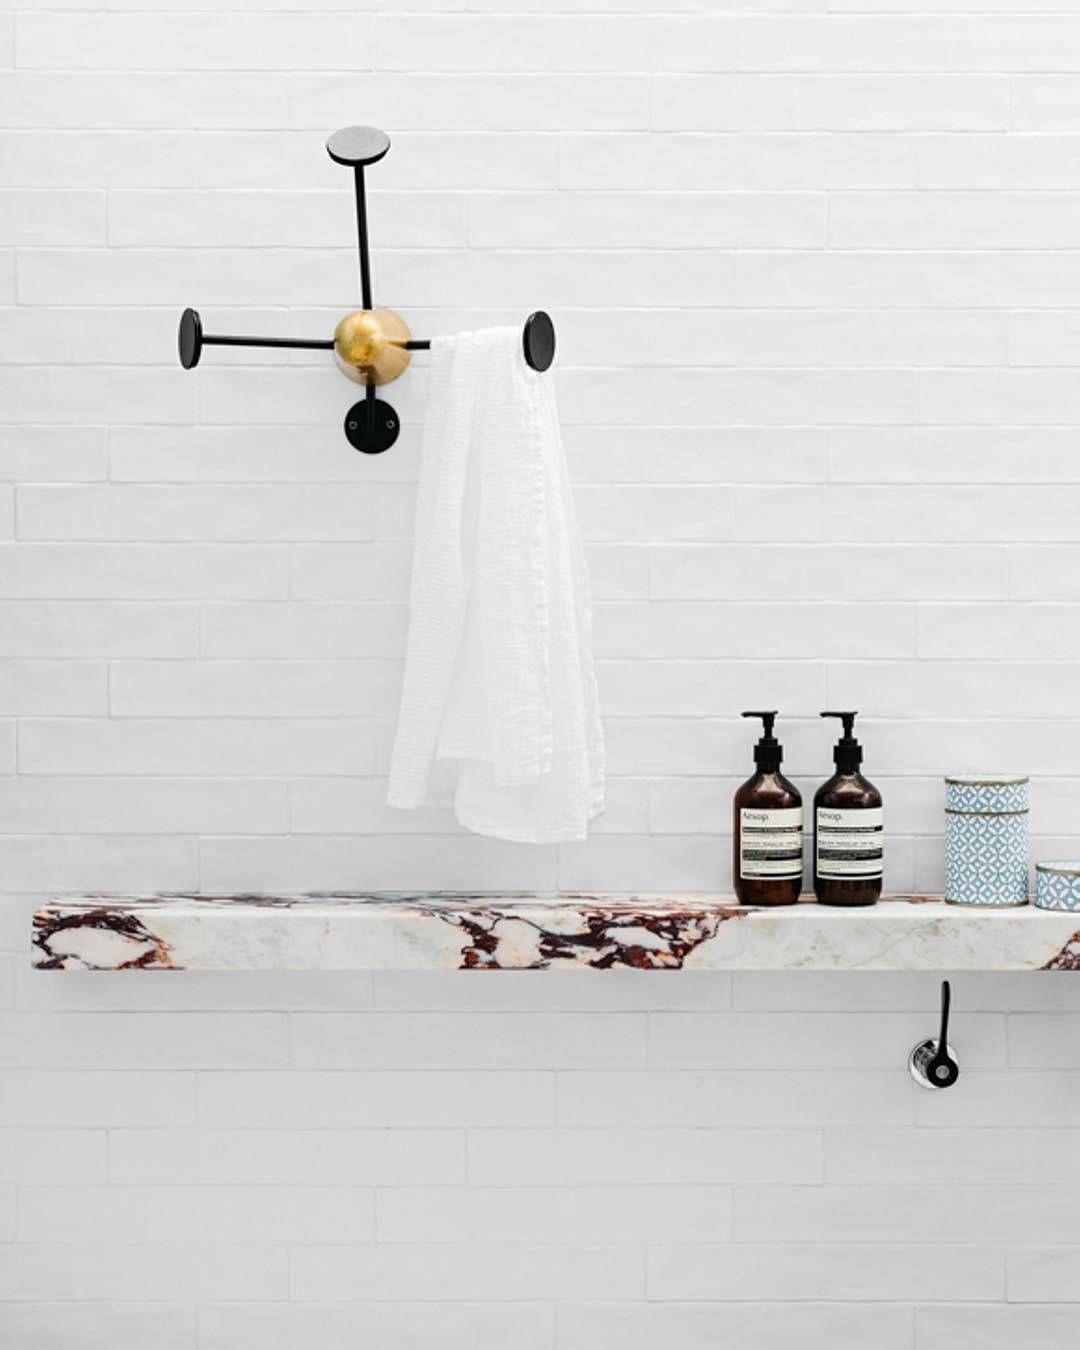 Gubi mategot coat rack home bathrooms pinterest - Interieur eclectique maison citiadine arent pyke ...